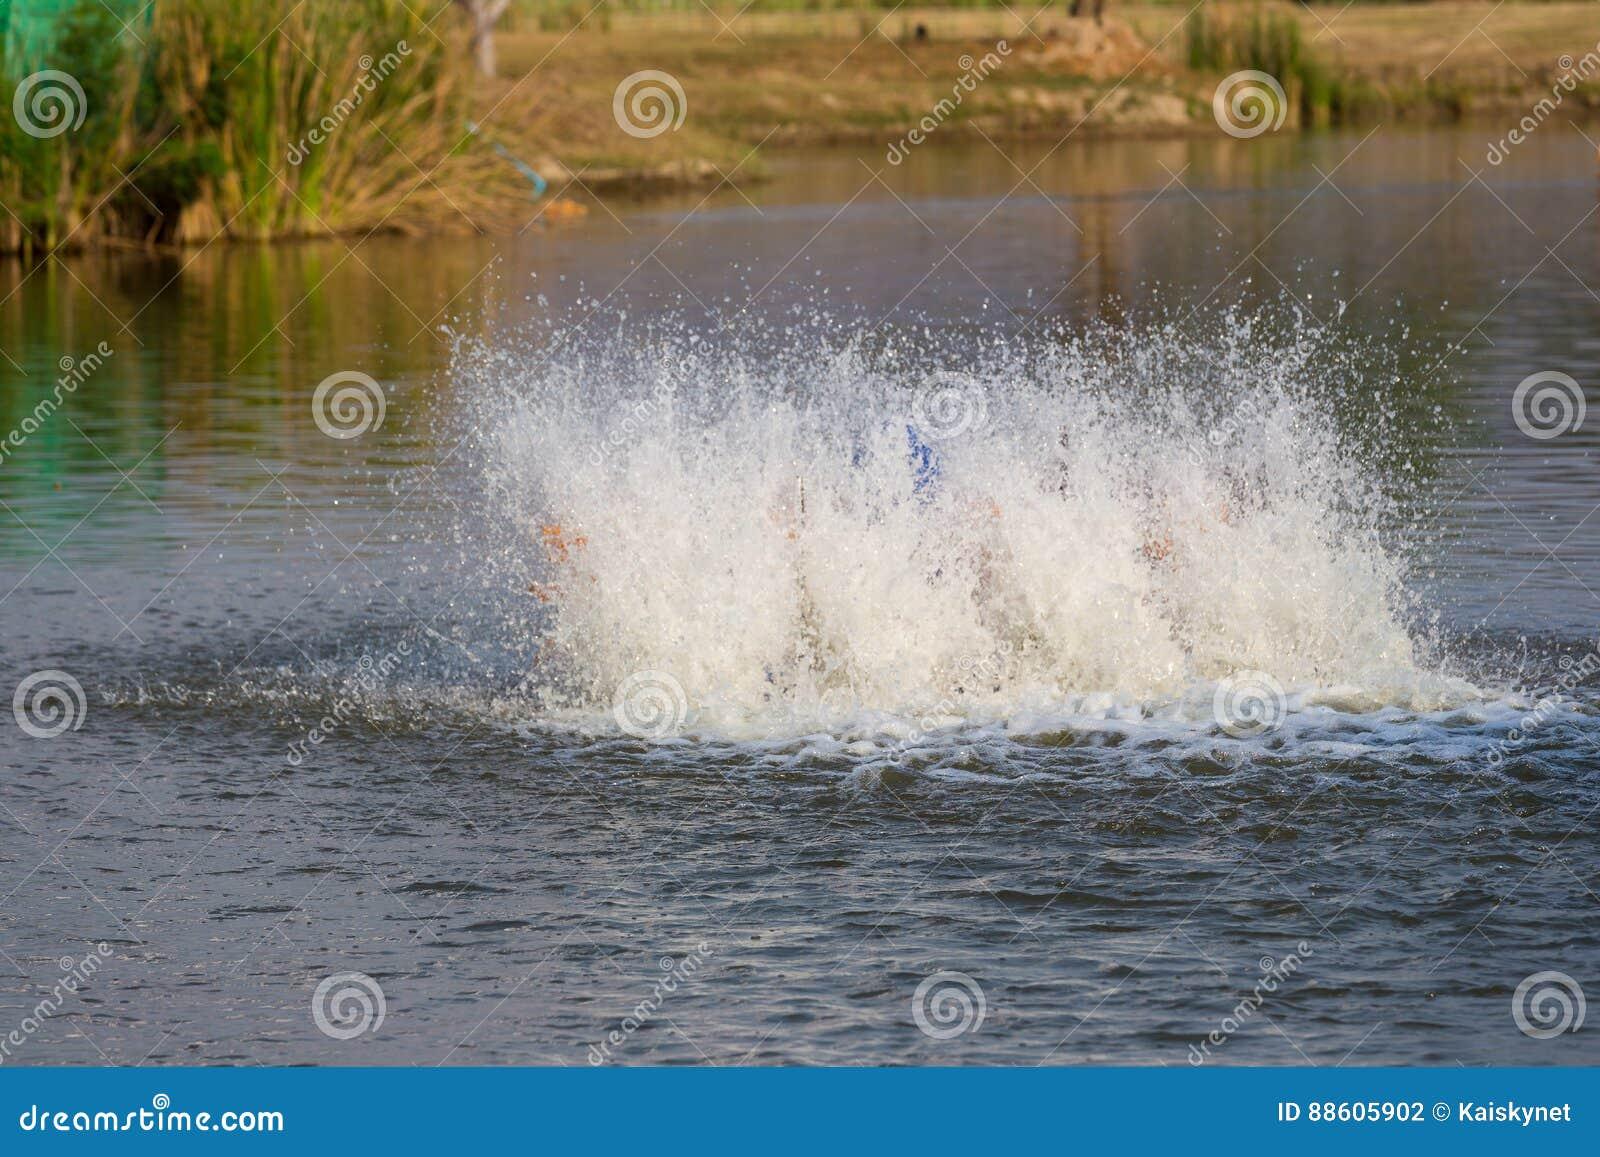 THE BANK WATER TURBINE EBOOK